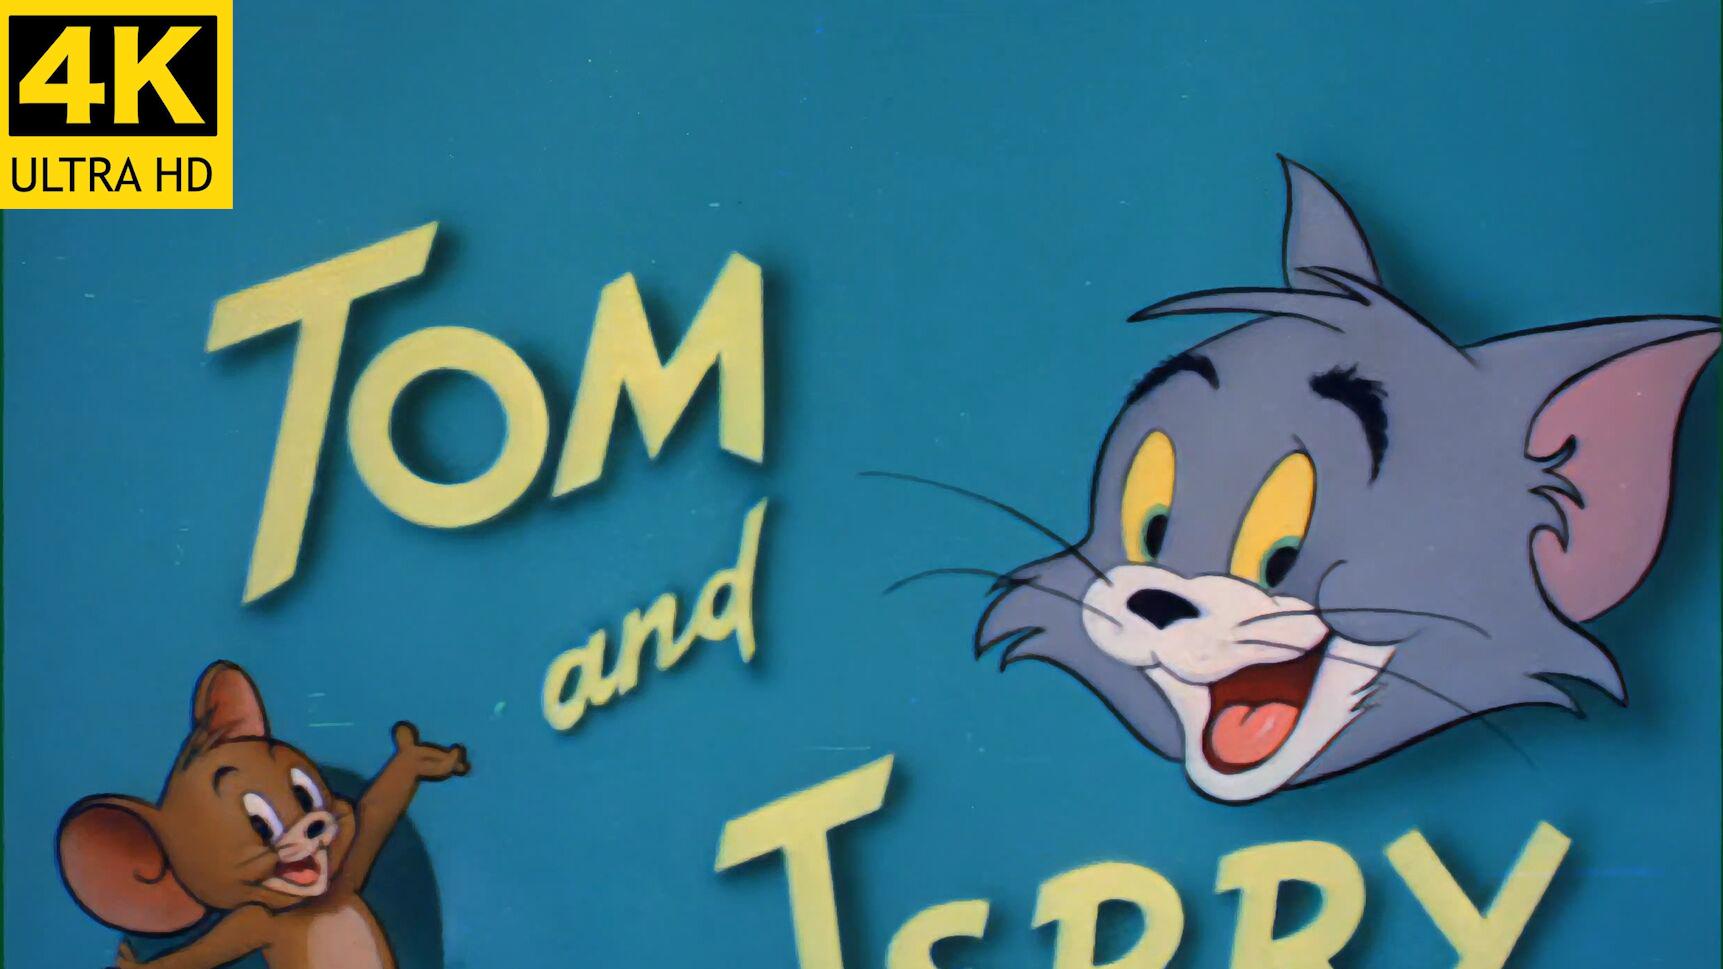 【4k修复60帧】猫和老鼠057到064【收藏级画质】